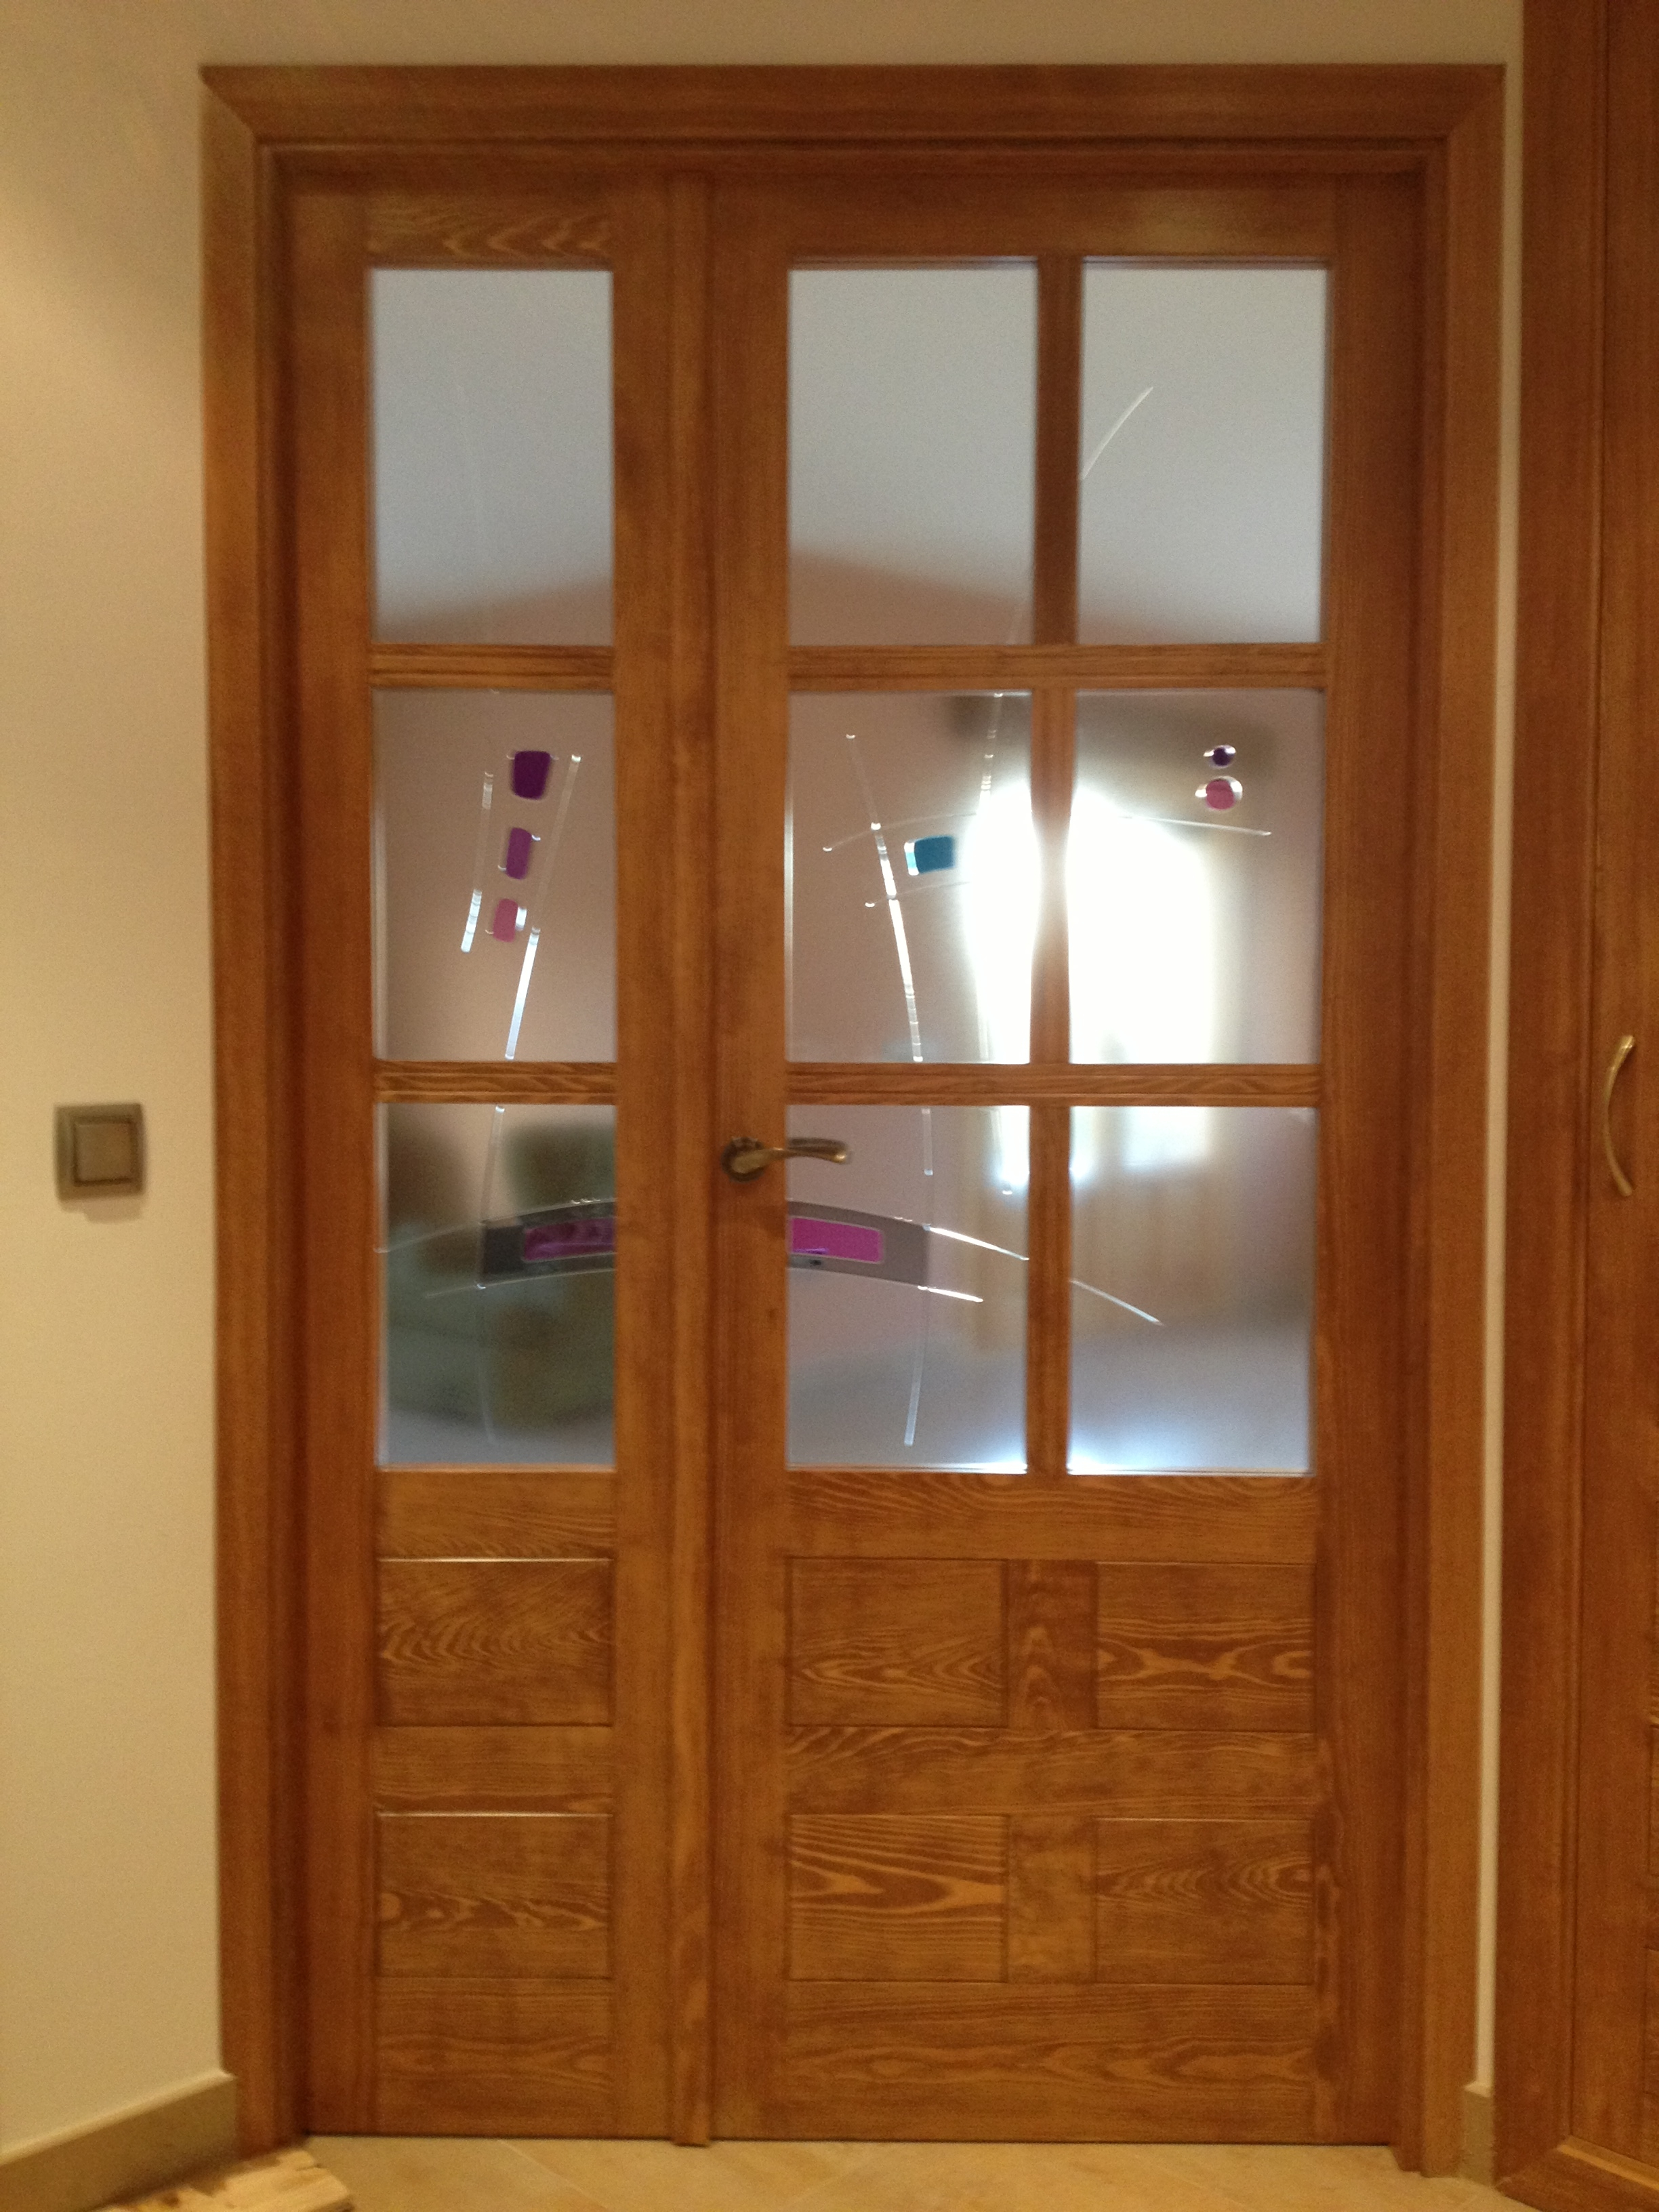 Cristales puertas interior materiales de construcci n - Cristales decorativos para puertas de interior ...